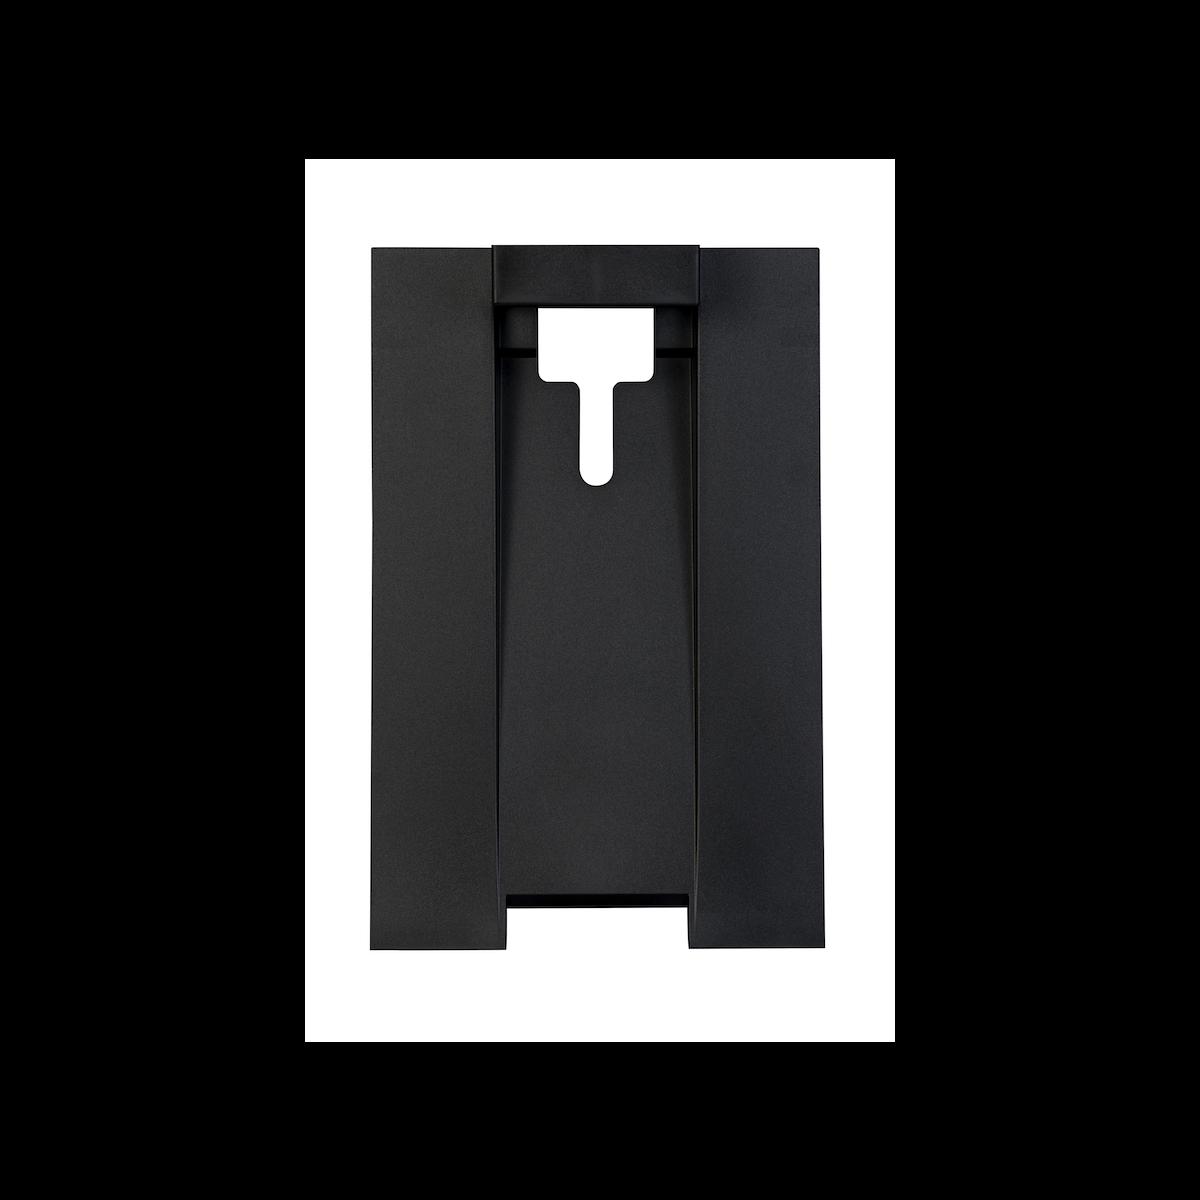 Front schwarz (Serienfront)